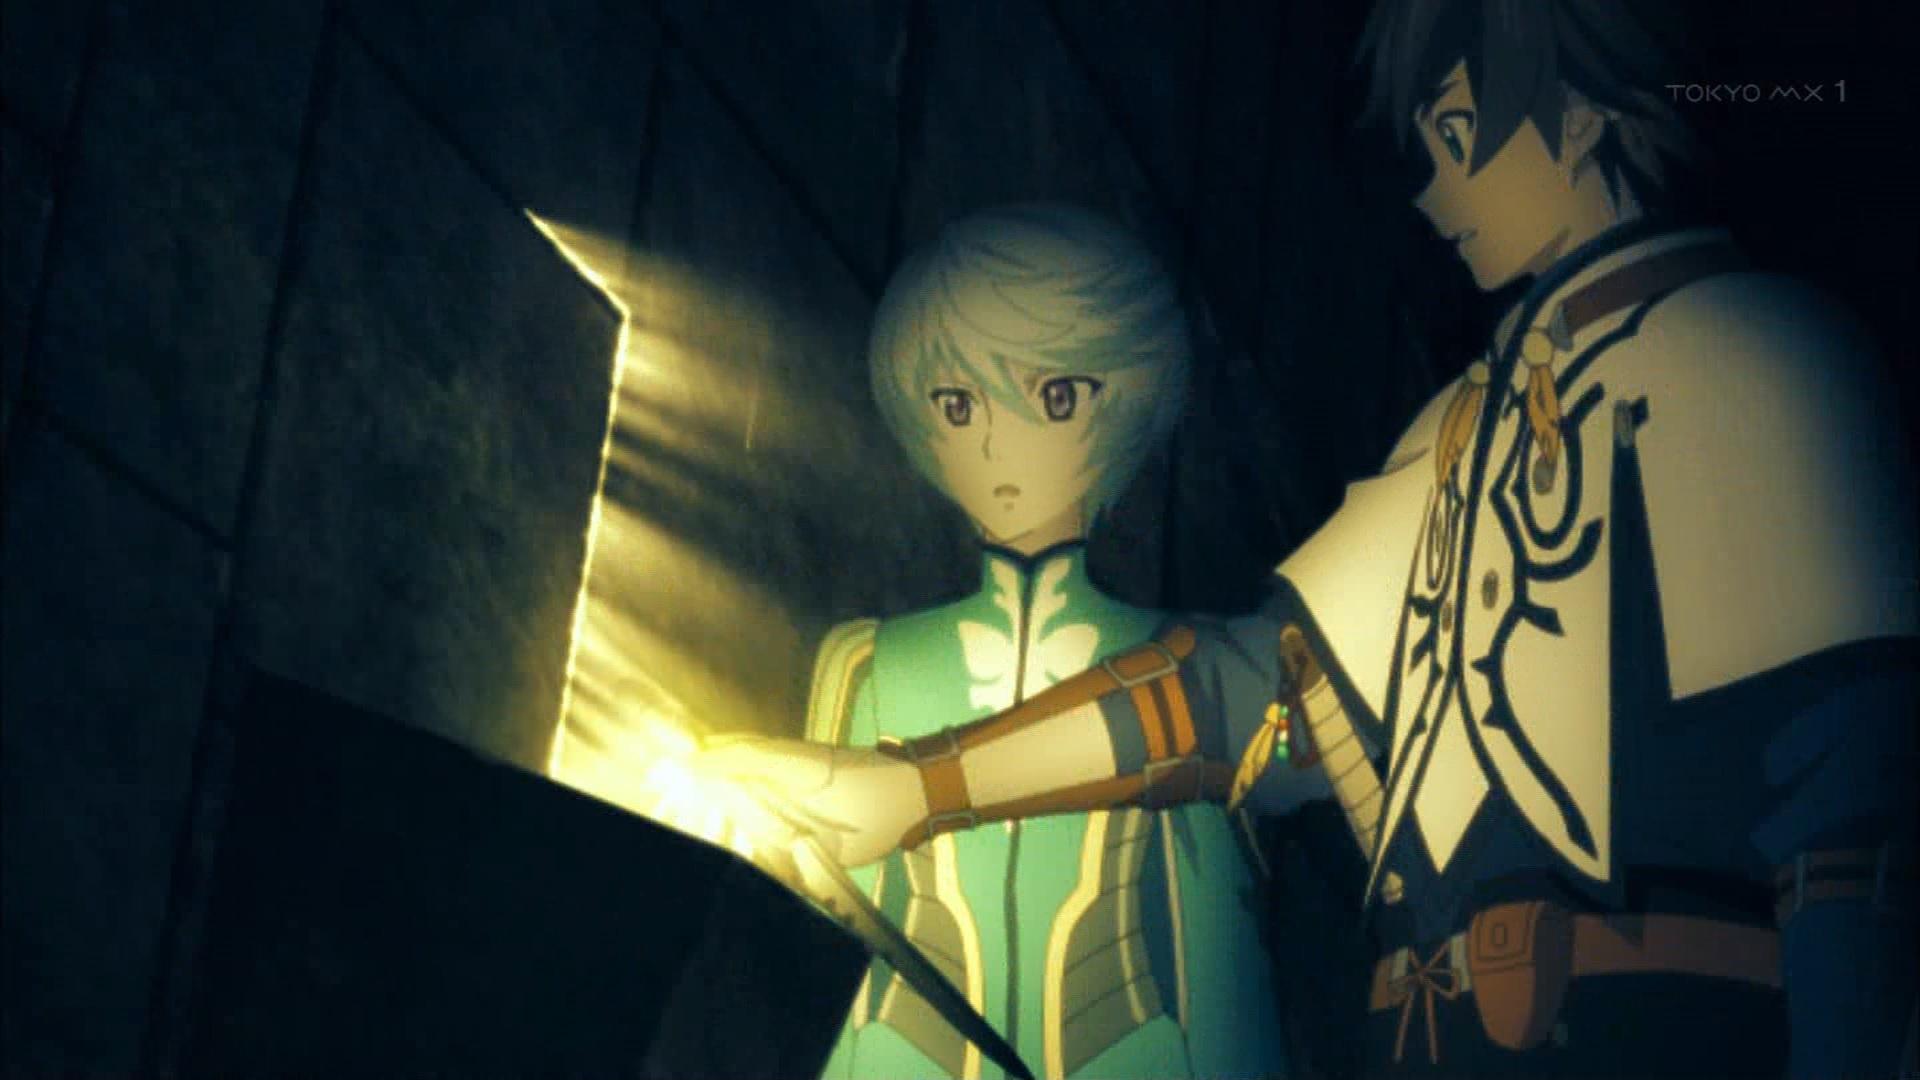 アリーシャからの短剣でダンジョンの謎を解くスレイ達